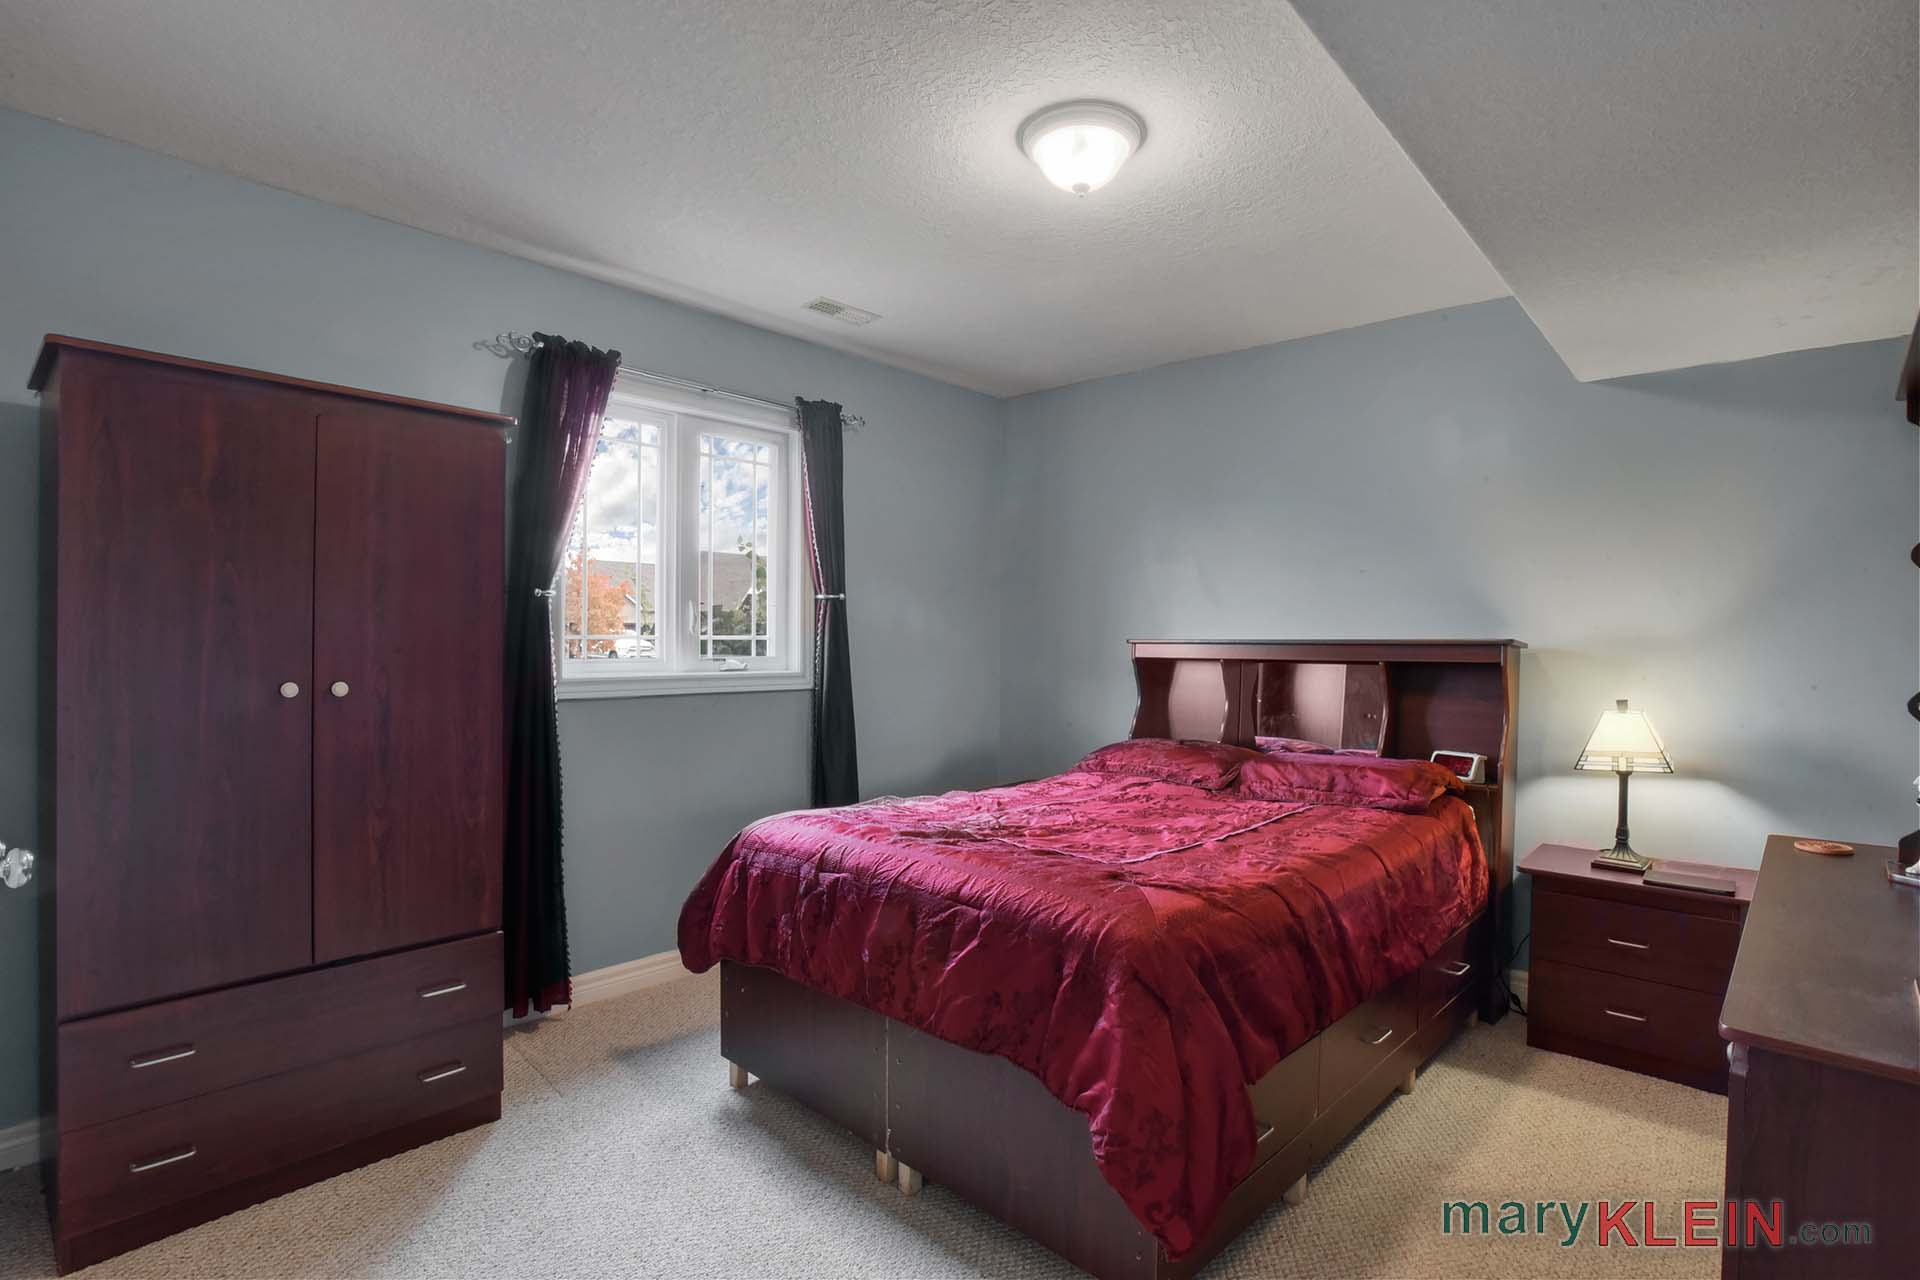 Bedroom, 4th bedroom, 1 bedroom in law suite, apartment, above grade